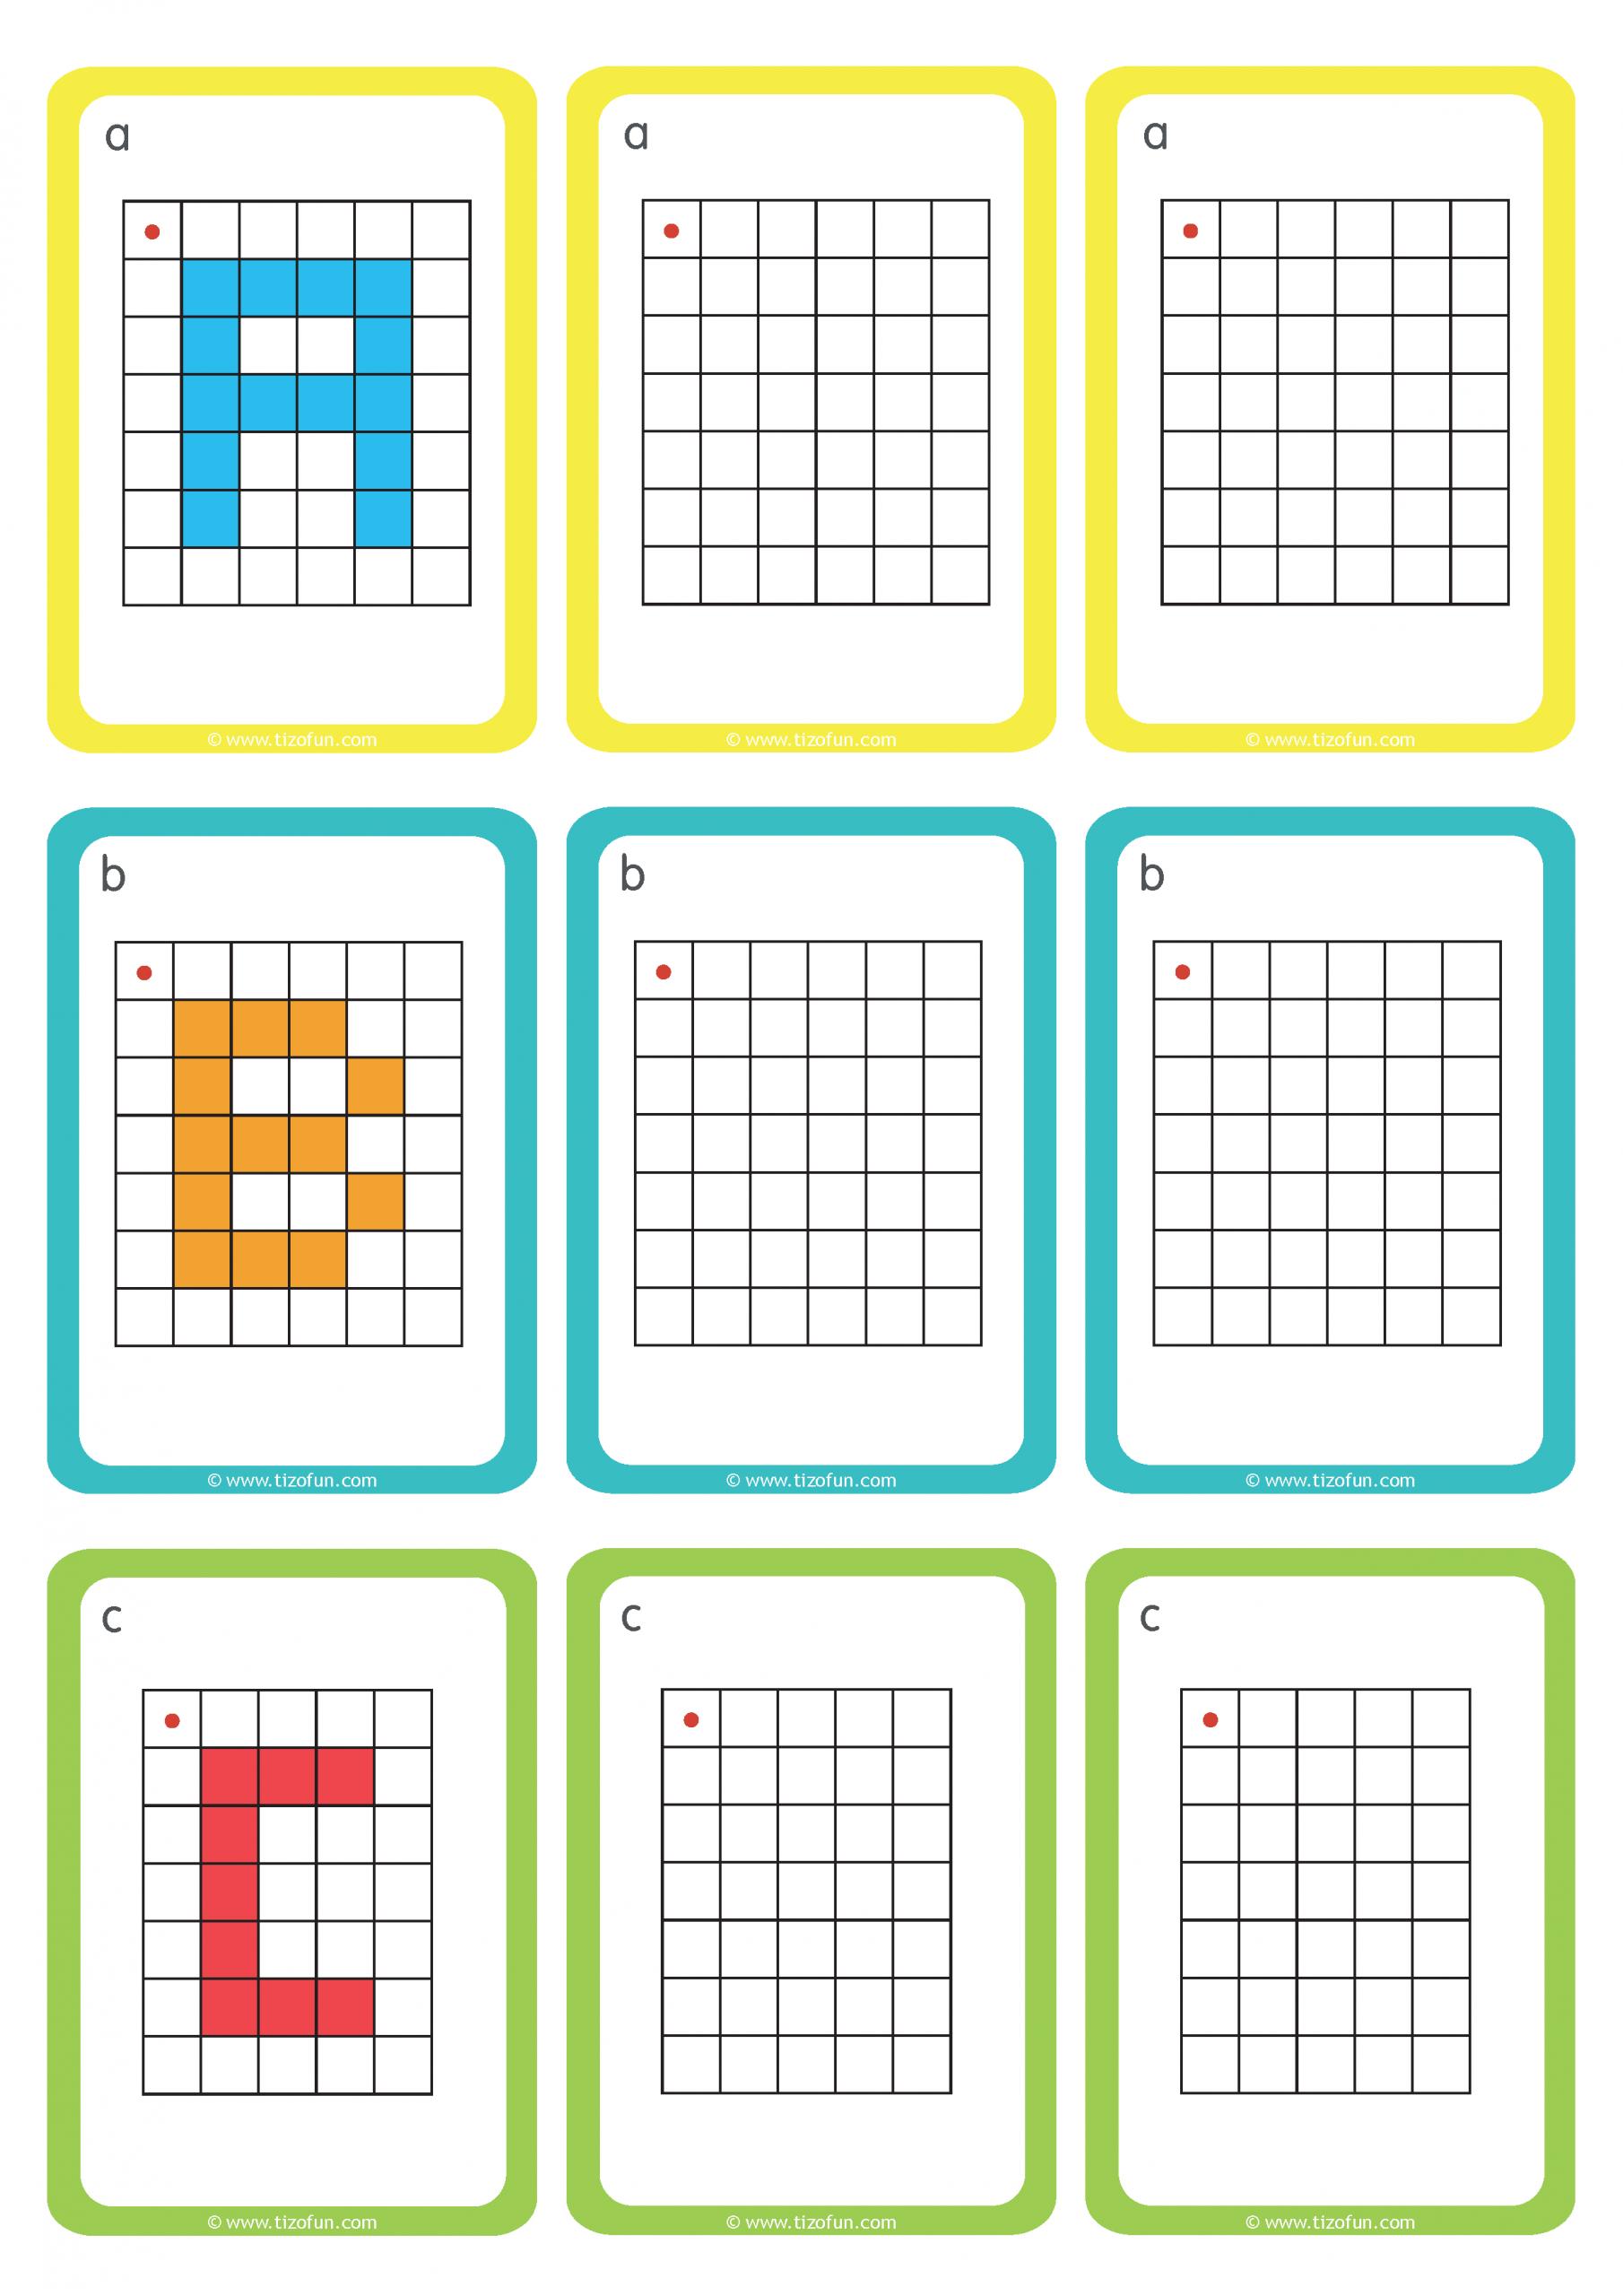 Exercice De Math Cp En Ligne Fiche Mathématique À Imprimer encequiconcerne Jeux Mathématiques À Imprimer